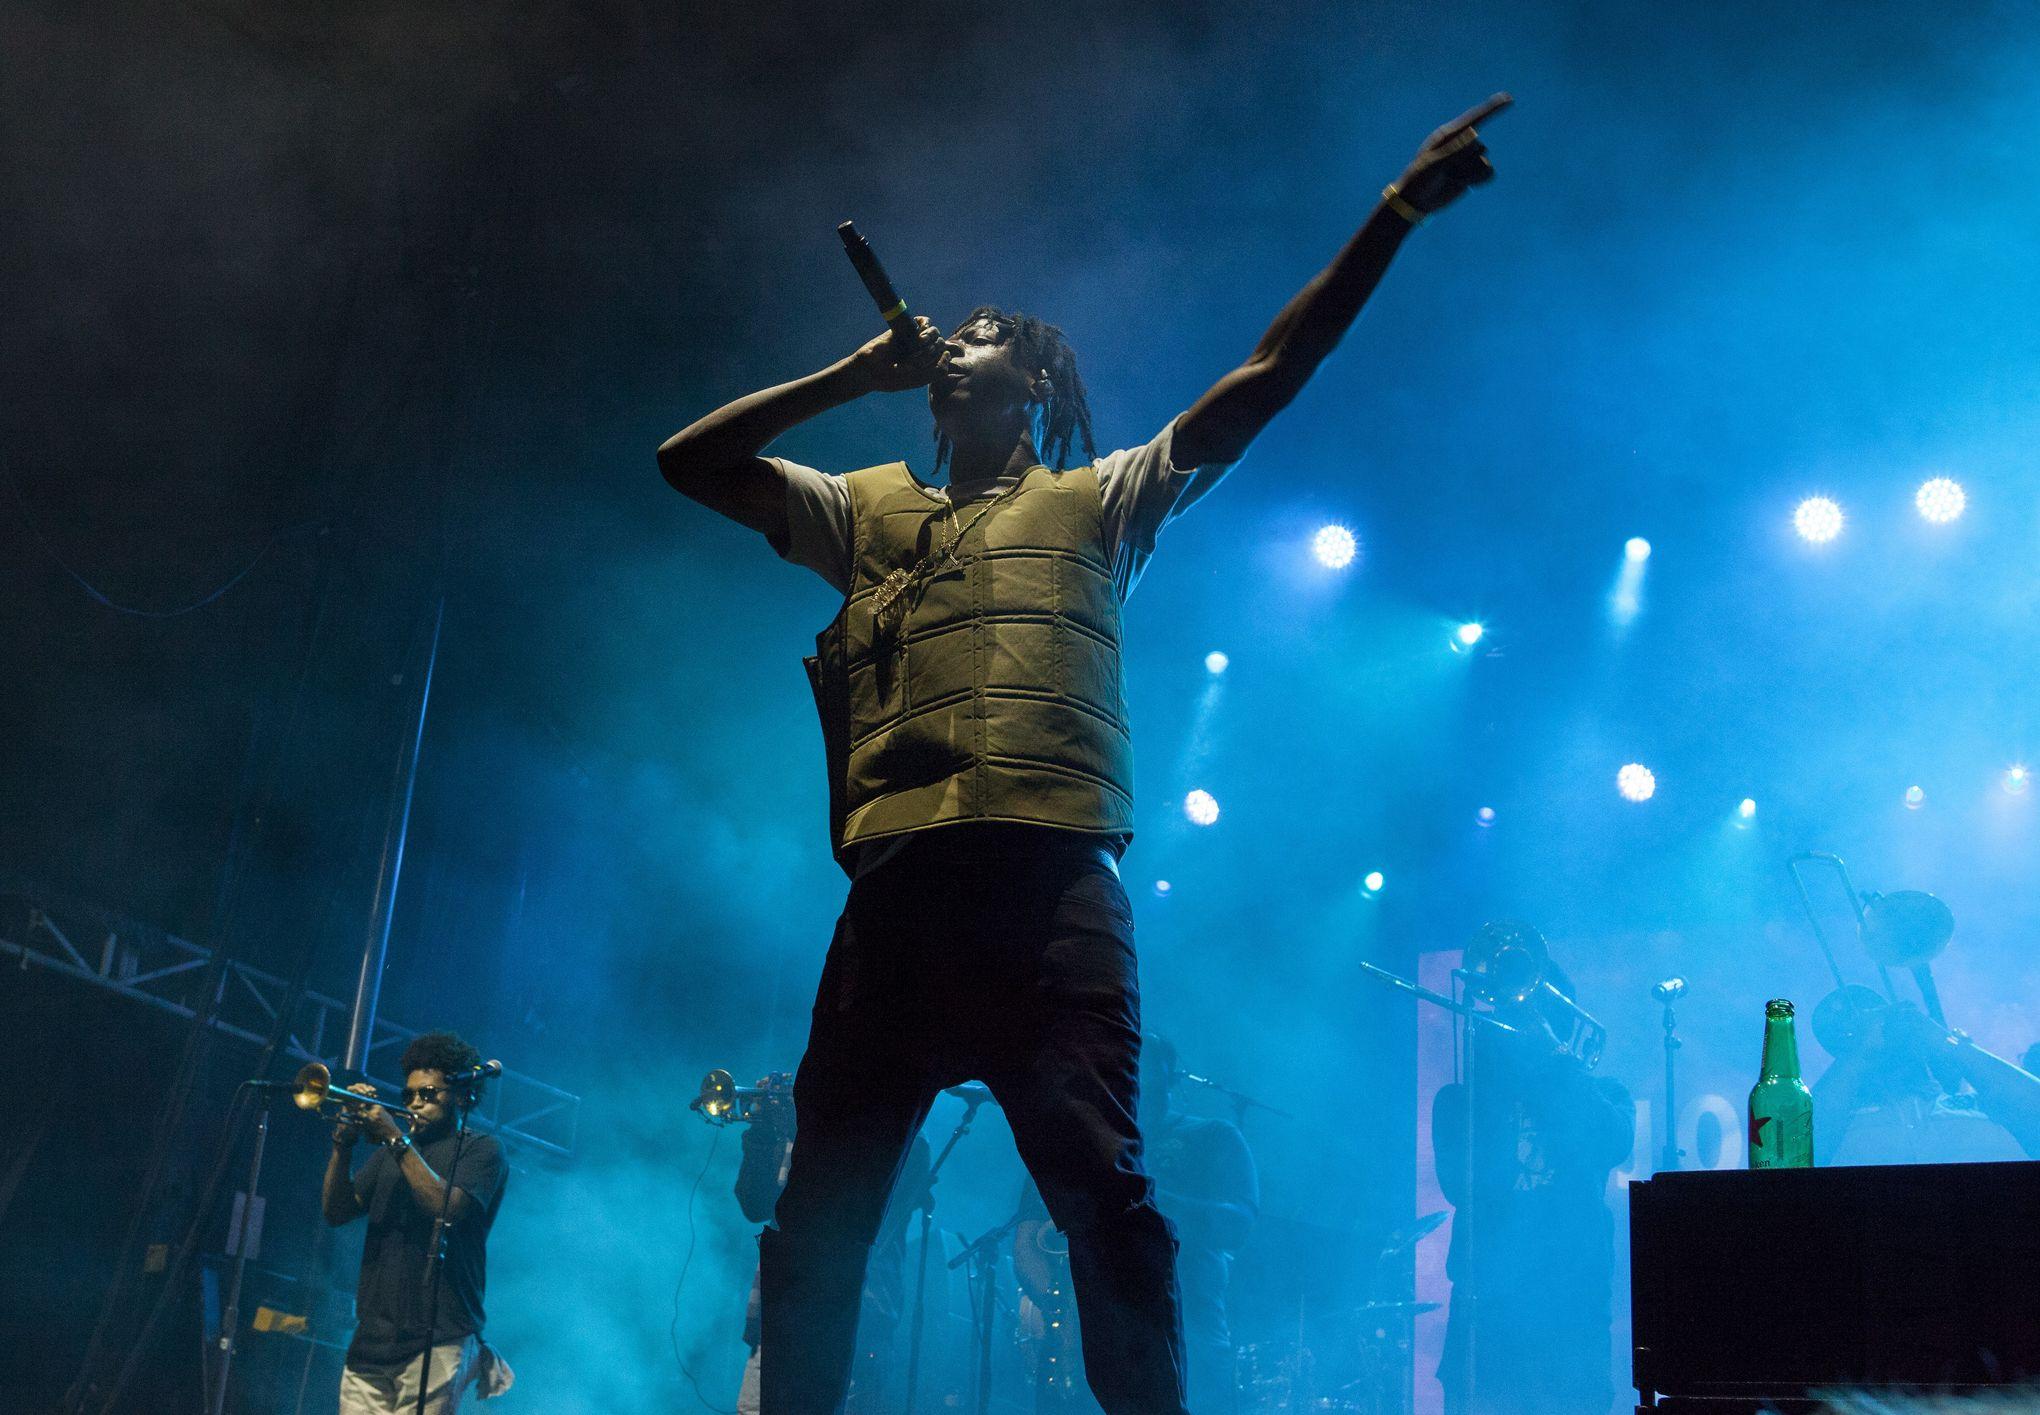 Le rappeur Joey Bada$$ annule ses concerts après avoir regardé l